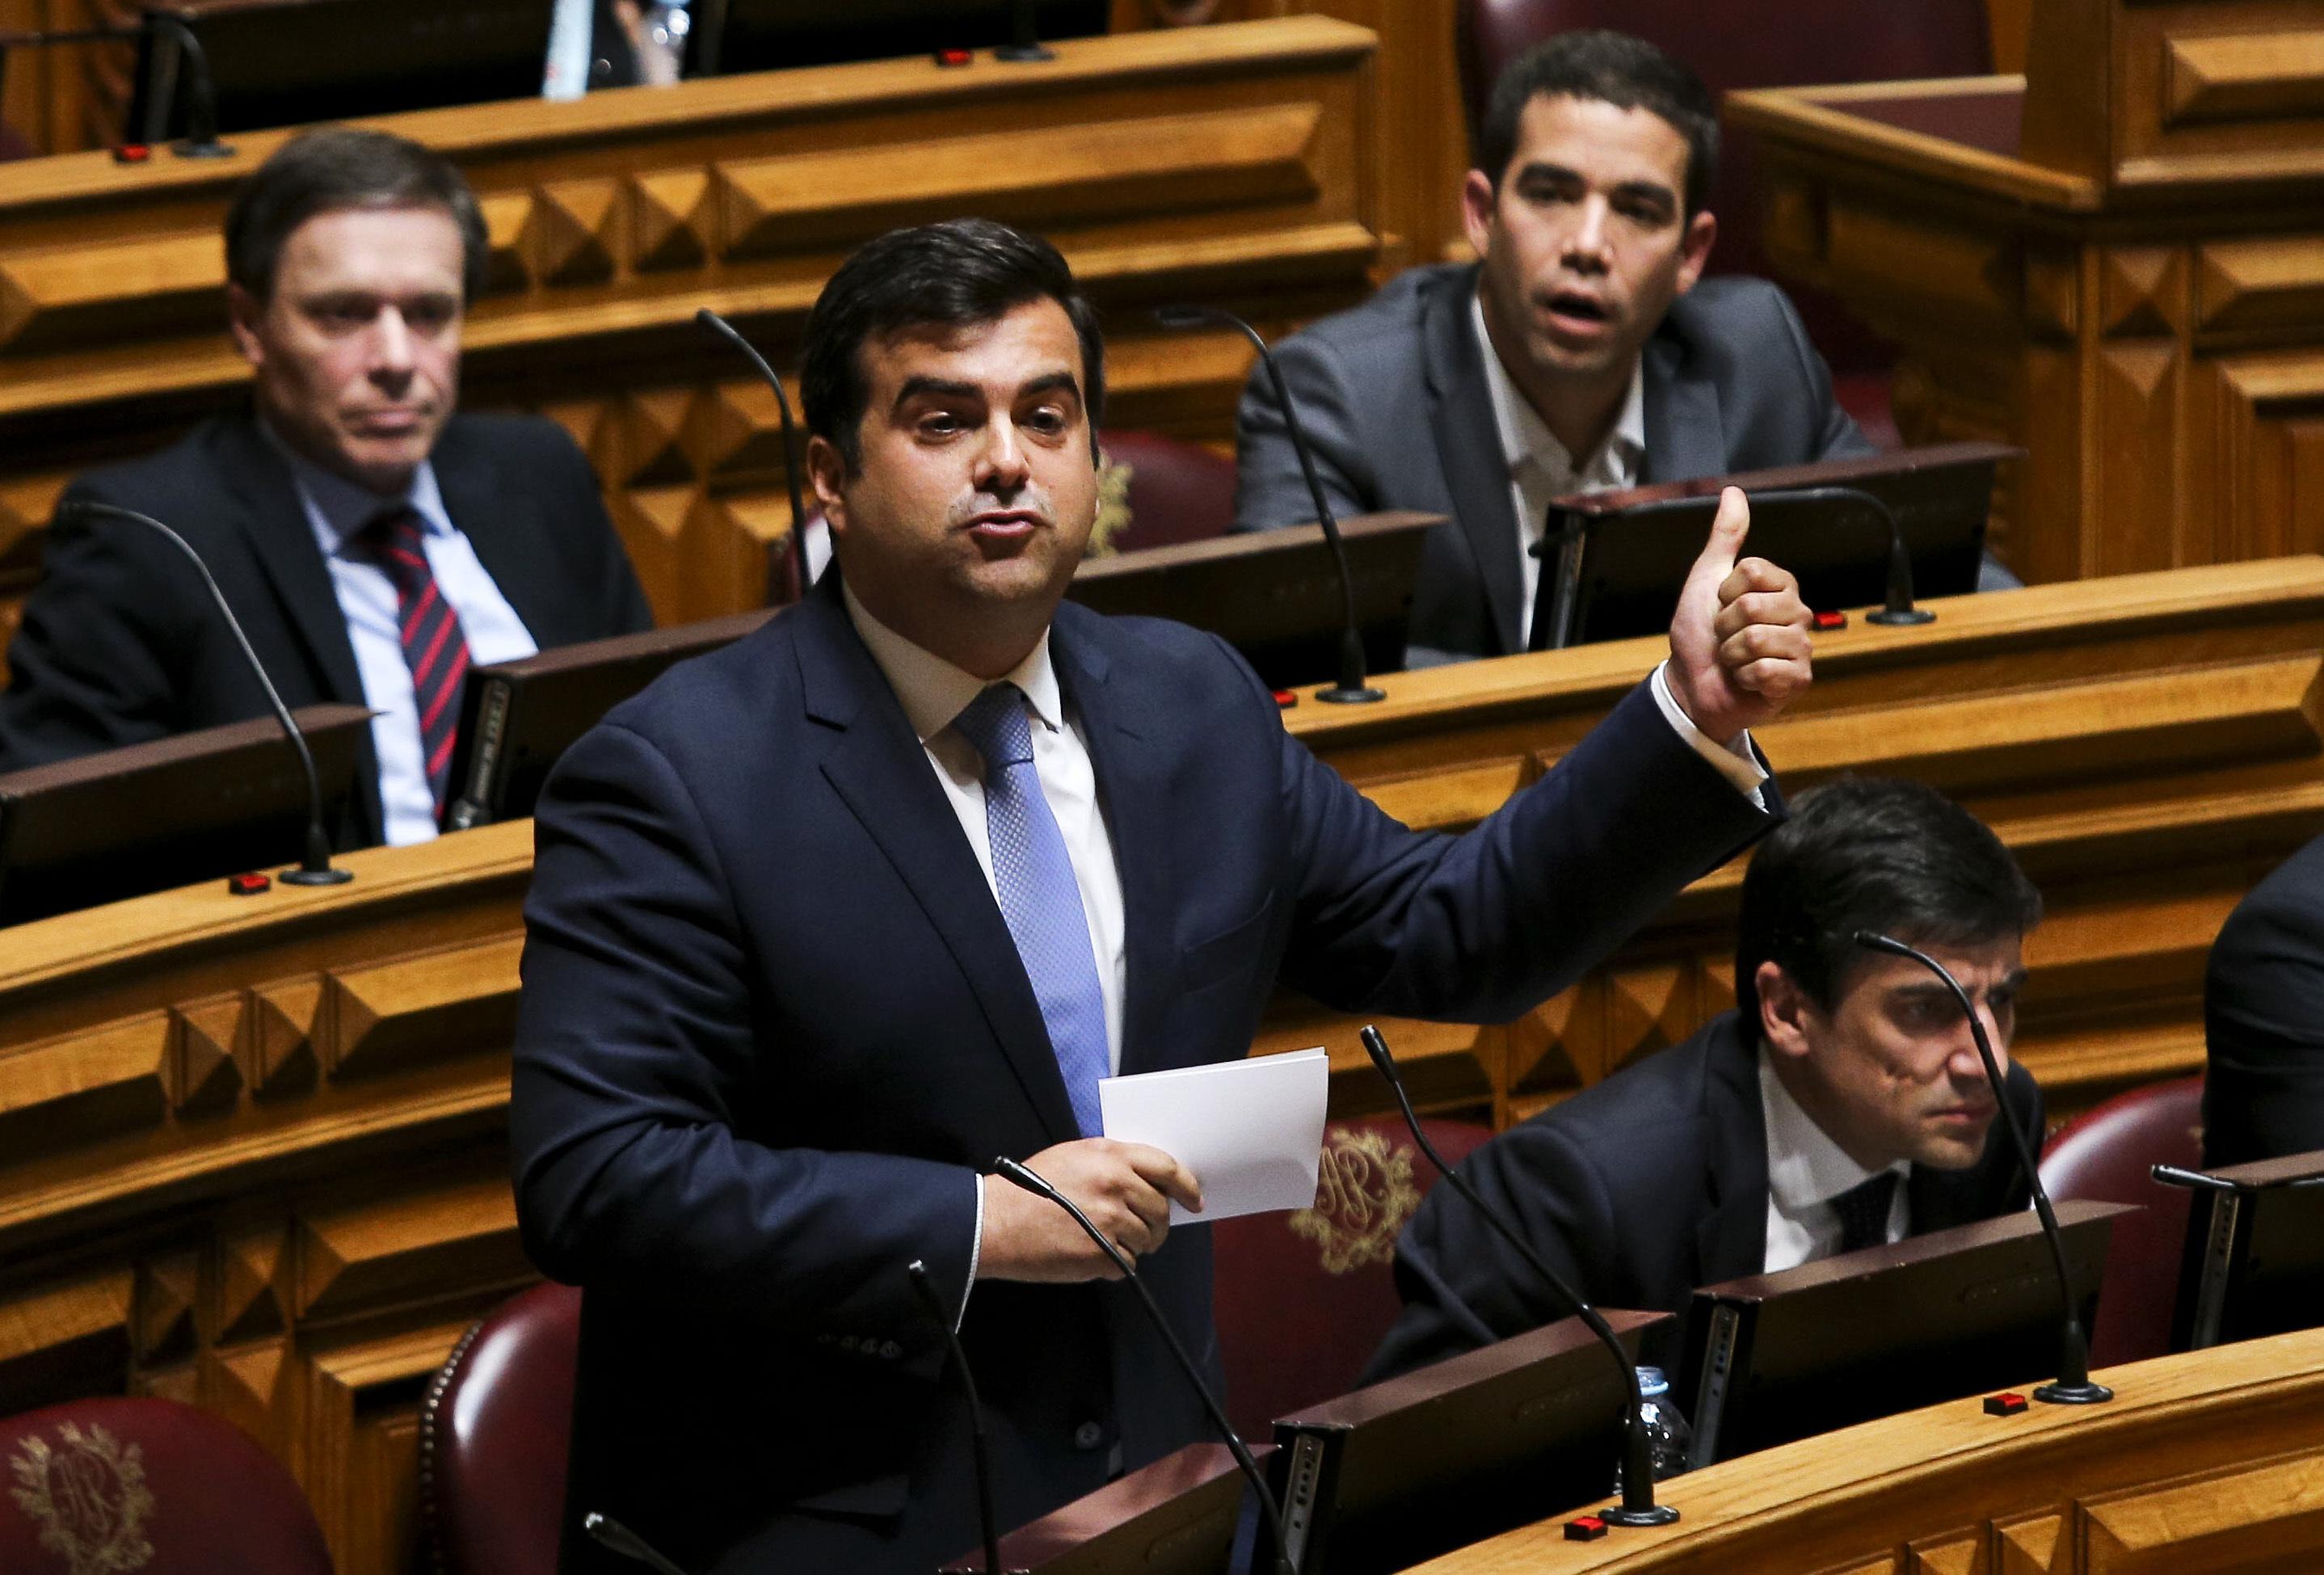 """""""Vamos rumar para o mesmo lado"""". Duarte Marques destaca mensagem de união no congresso"""